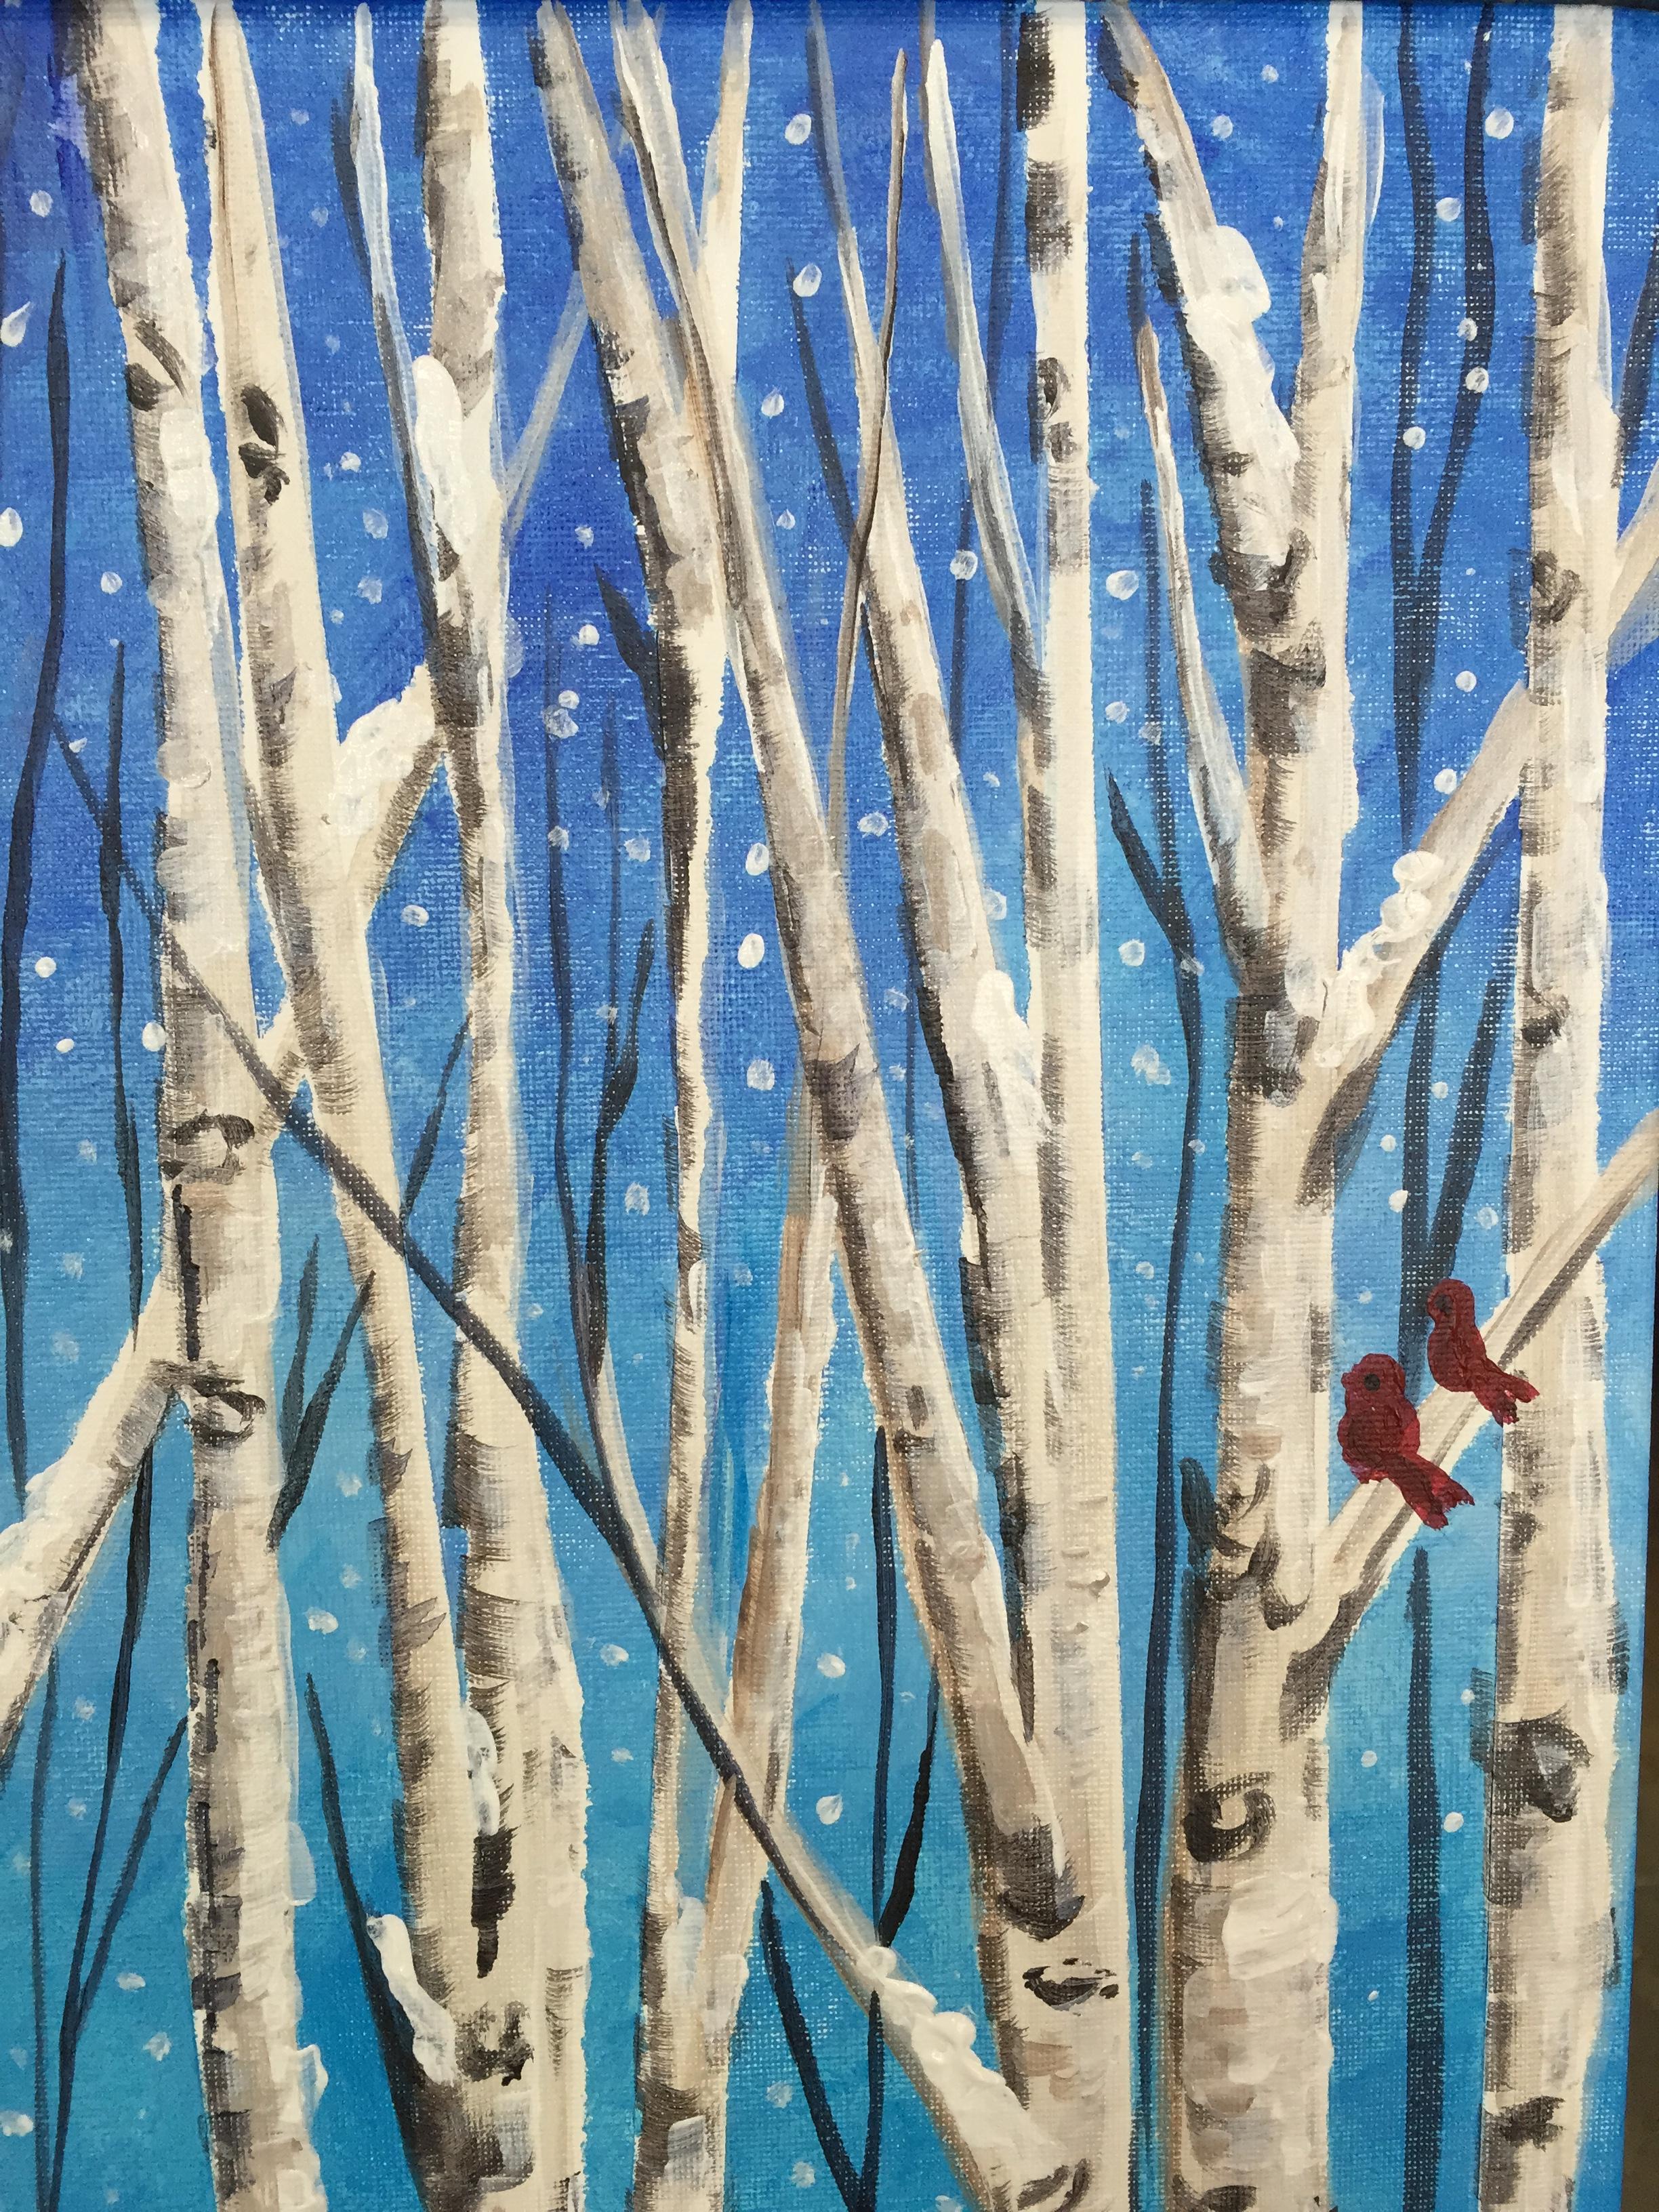 Aspens in winter